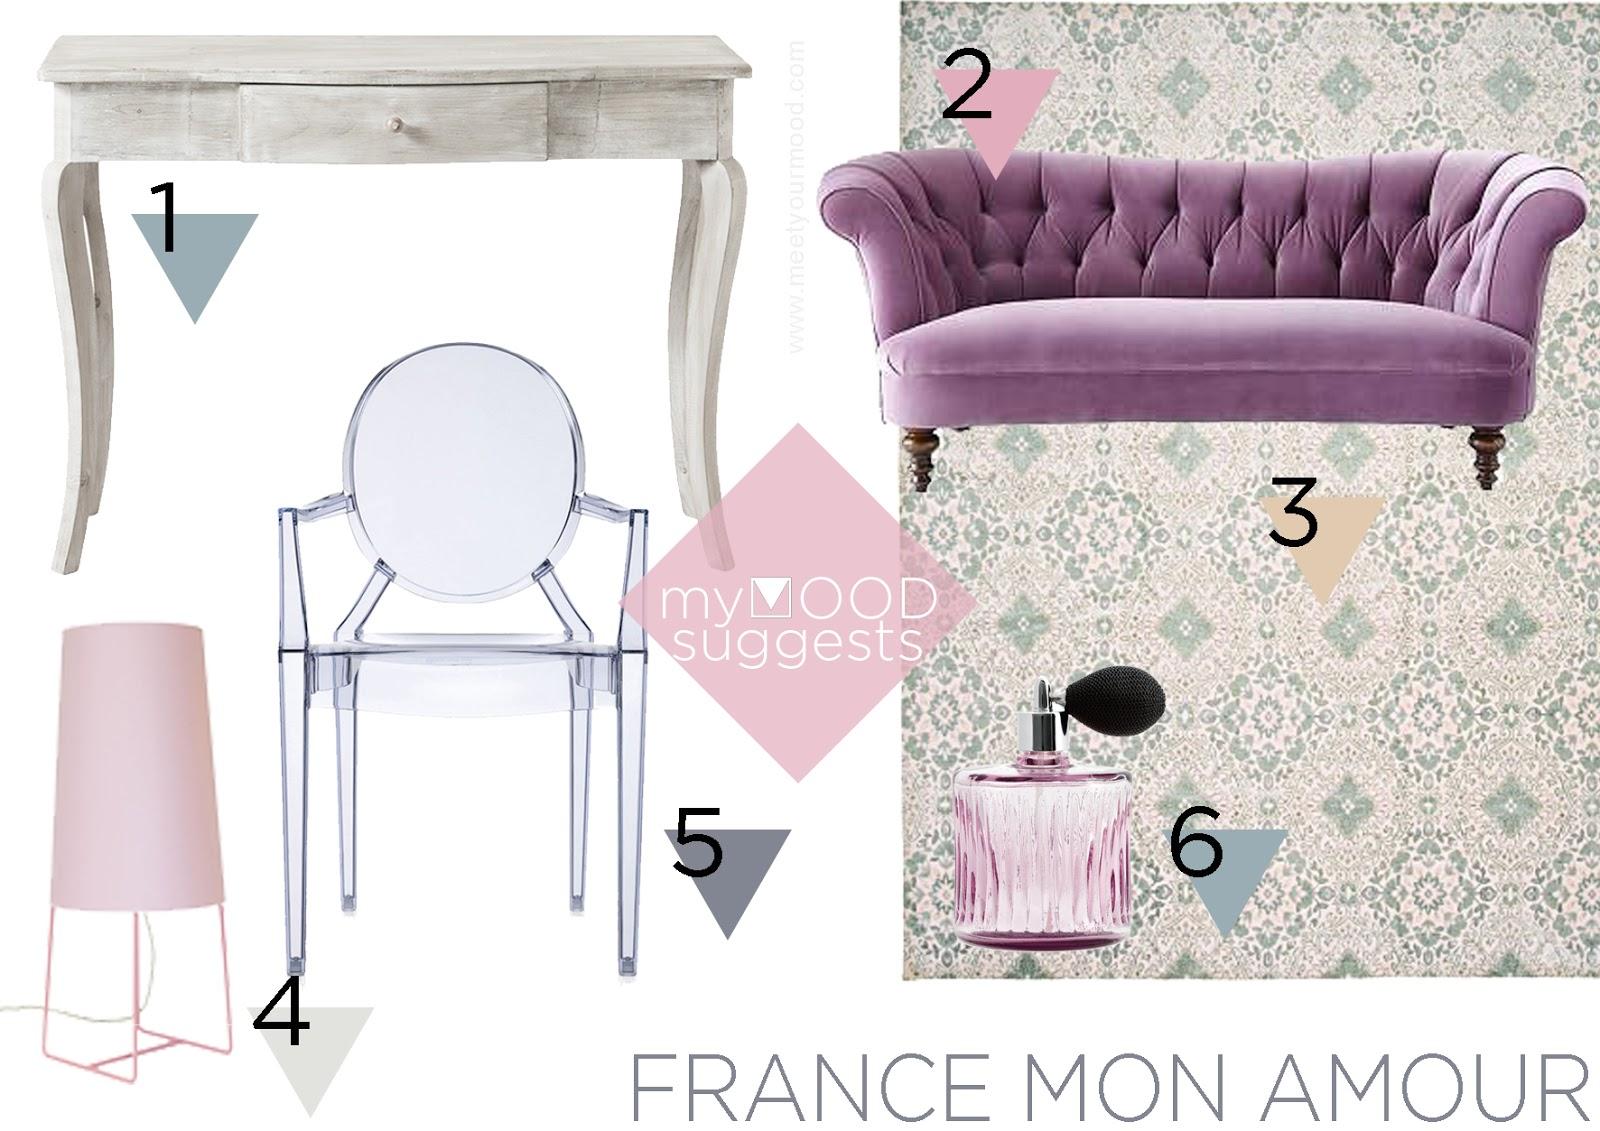 france mon amour il mood sontuoso e delicato dei giardini di versailles meetyourmood. Black Bedroom Furniture Sets. Home Design Ideas